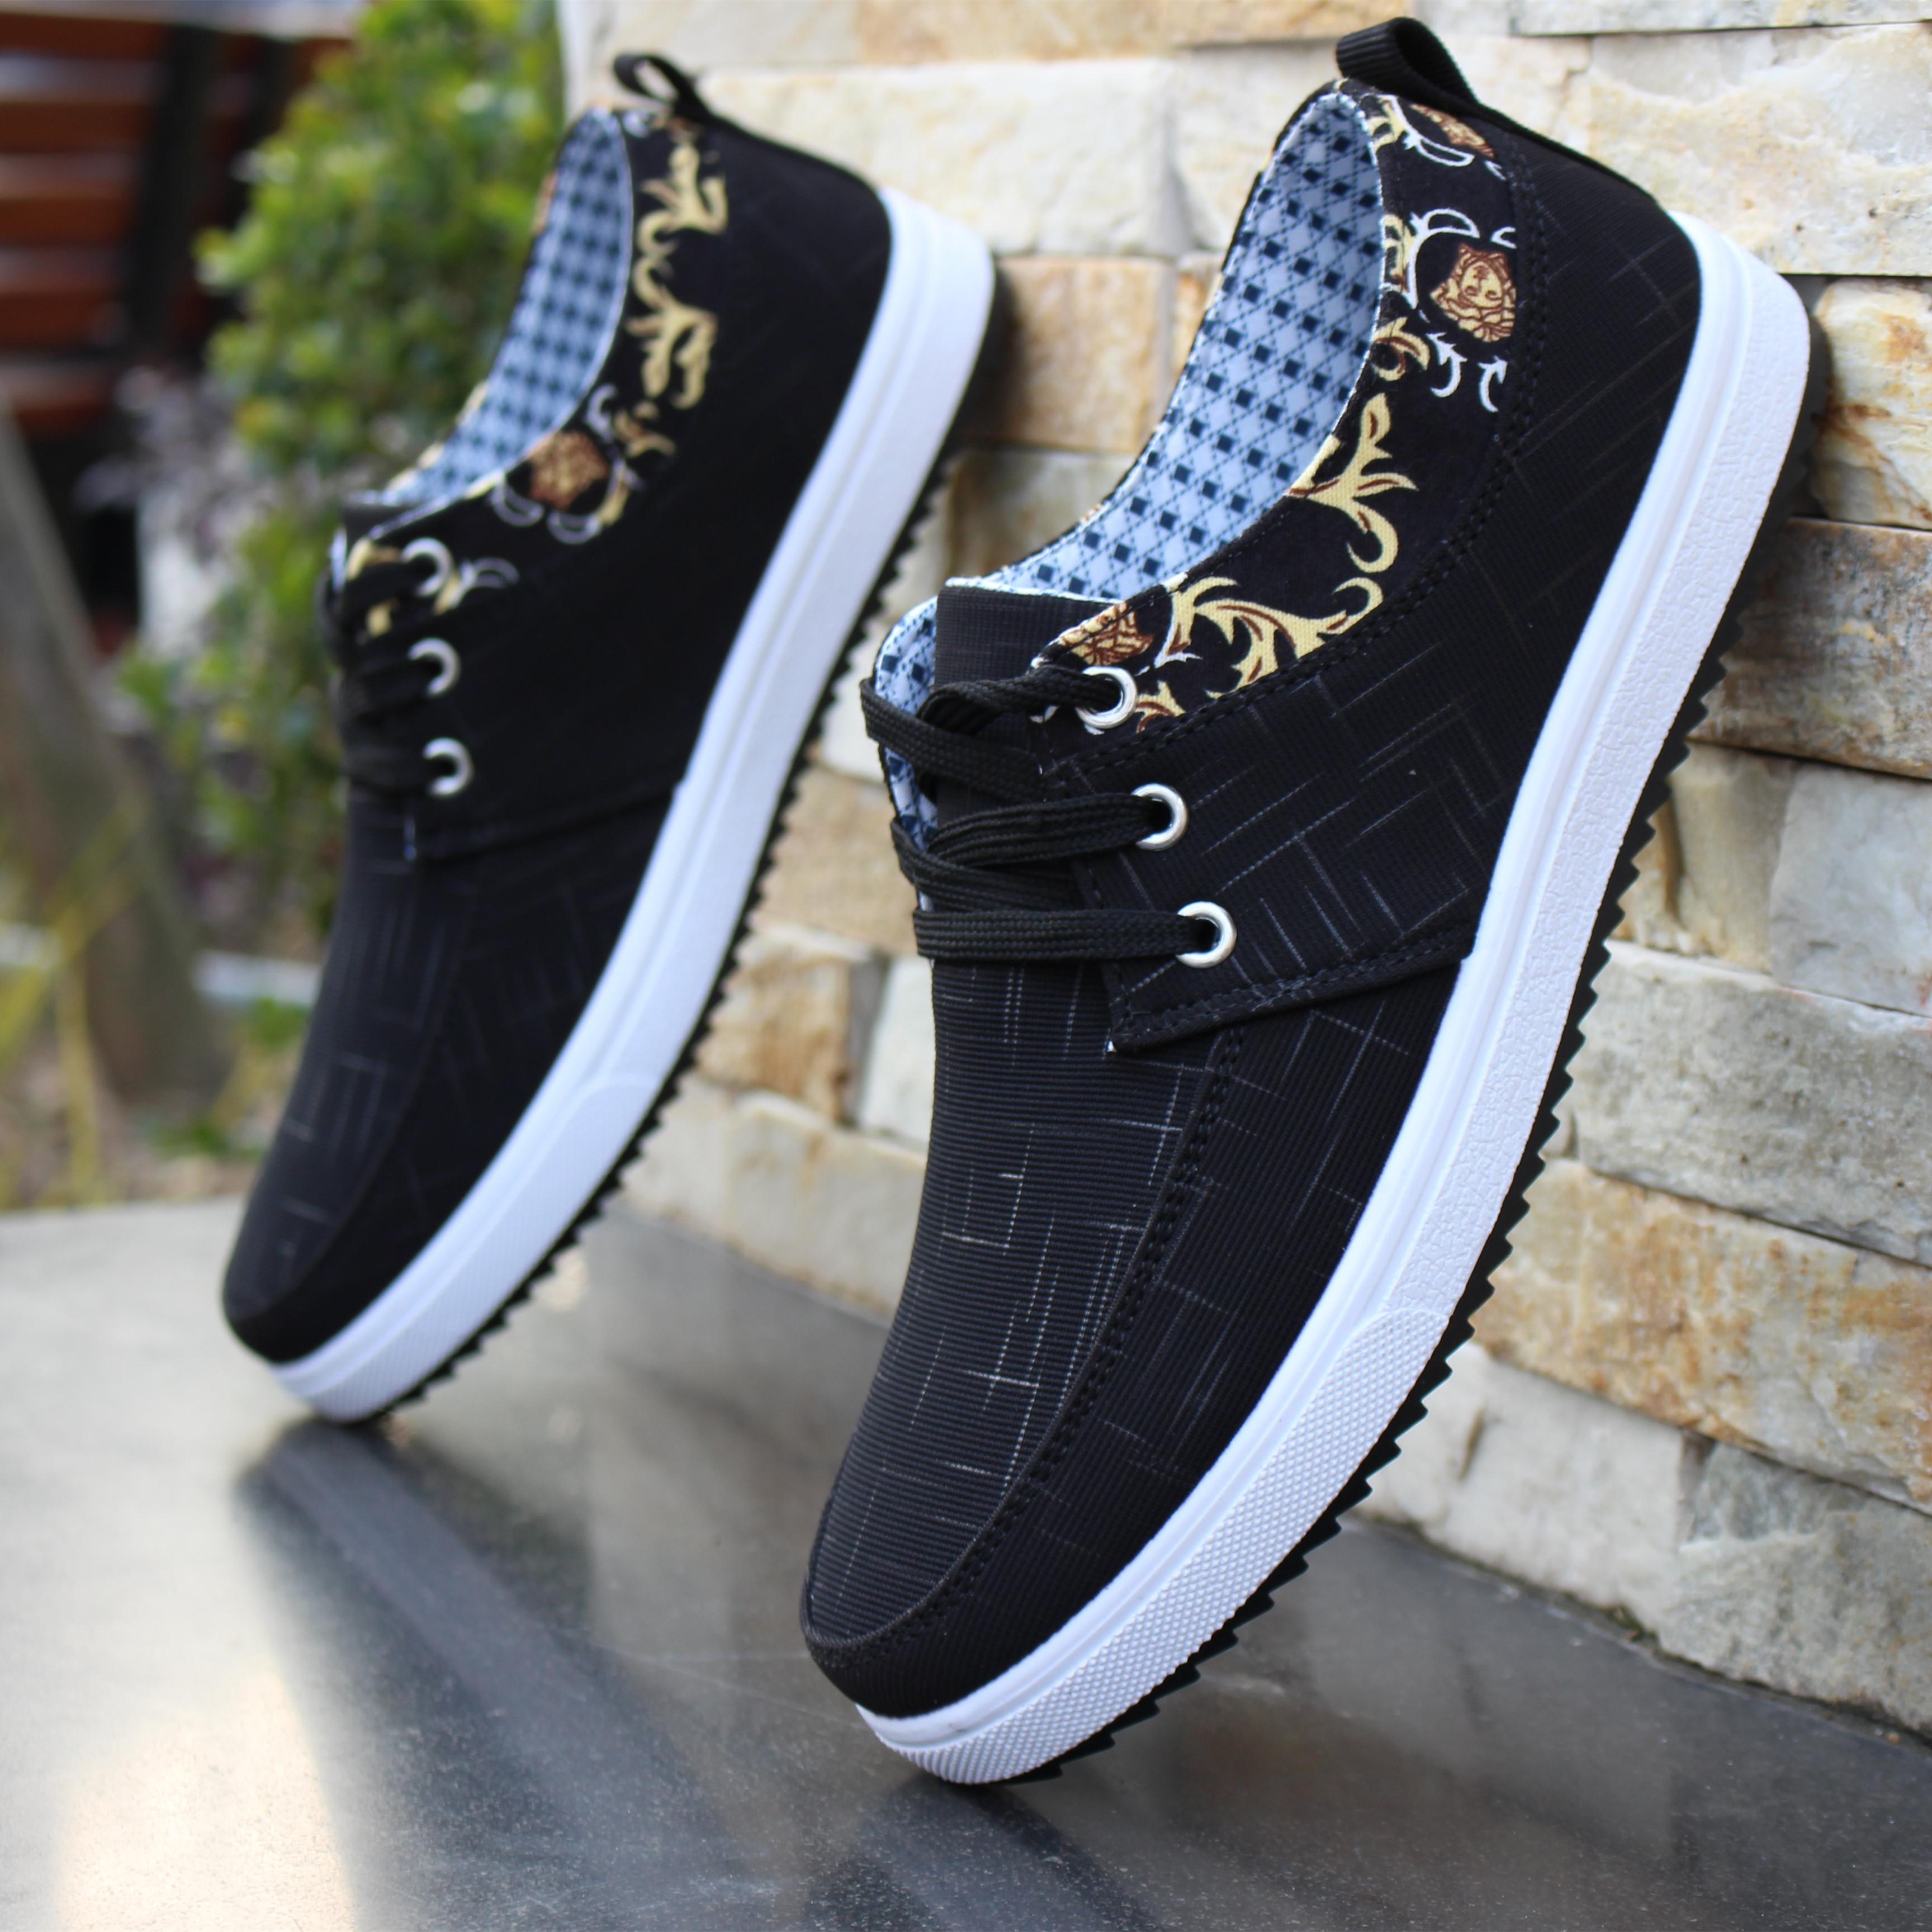 Ánh sáng mùa hè giày vải thoáng khí bình thường mùi kháng bò gân giày dưới không trượt cũ Bắc Kinh giày vải nam giày vải